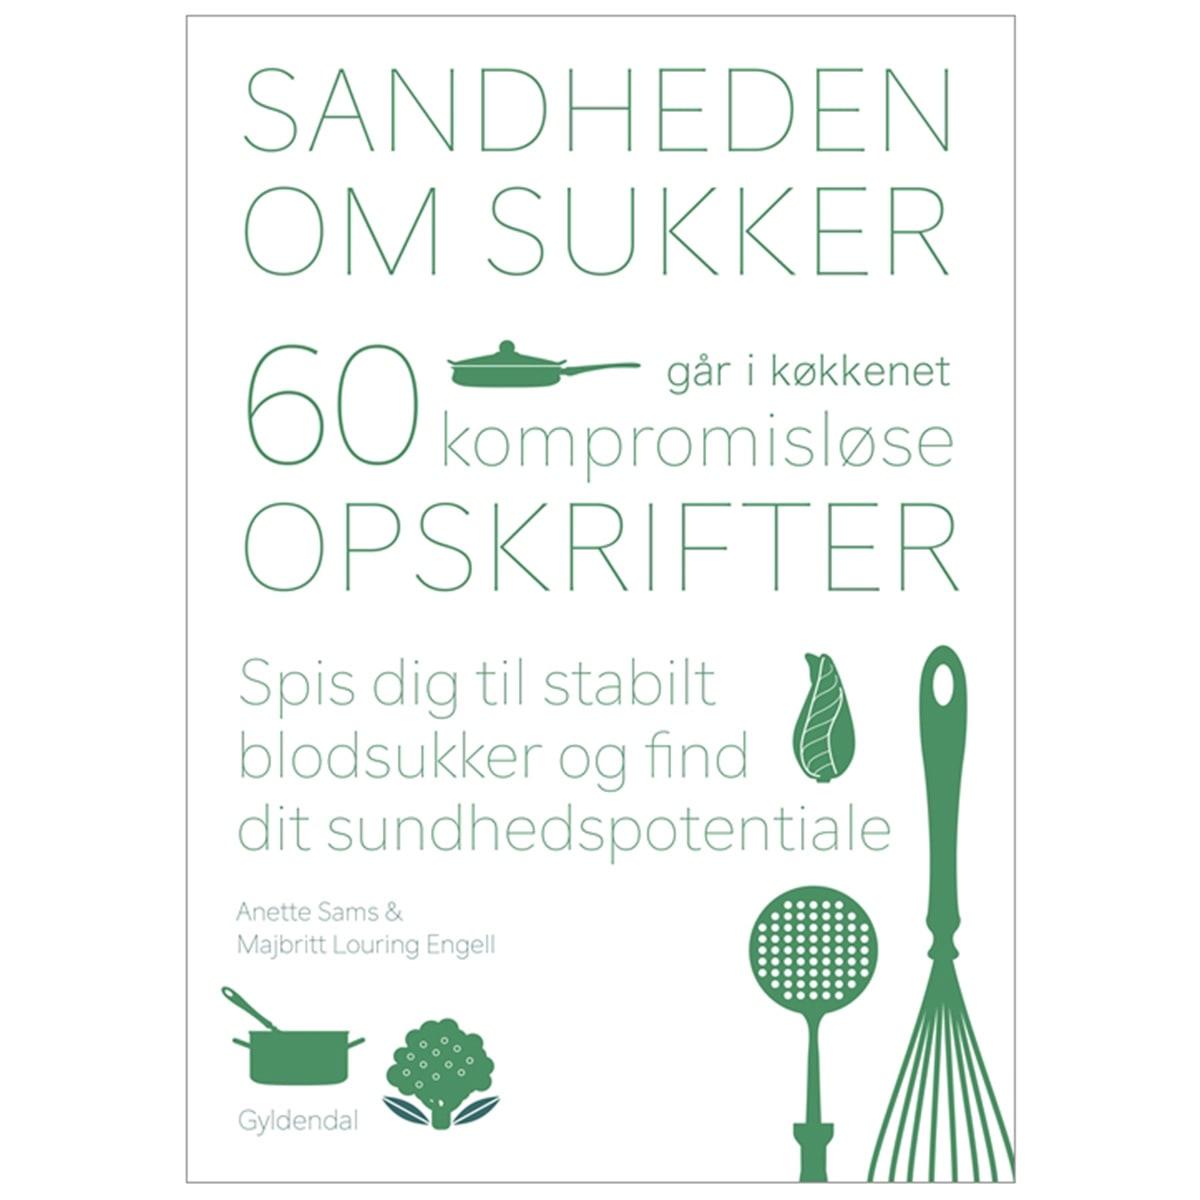 Af Anette Sams & Majbritt Engell